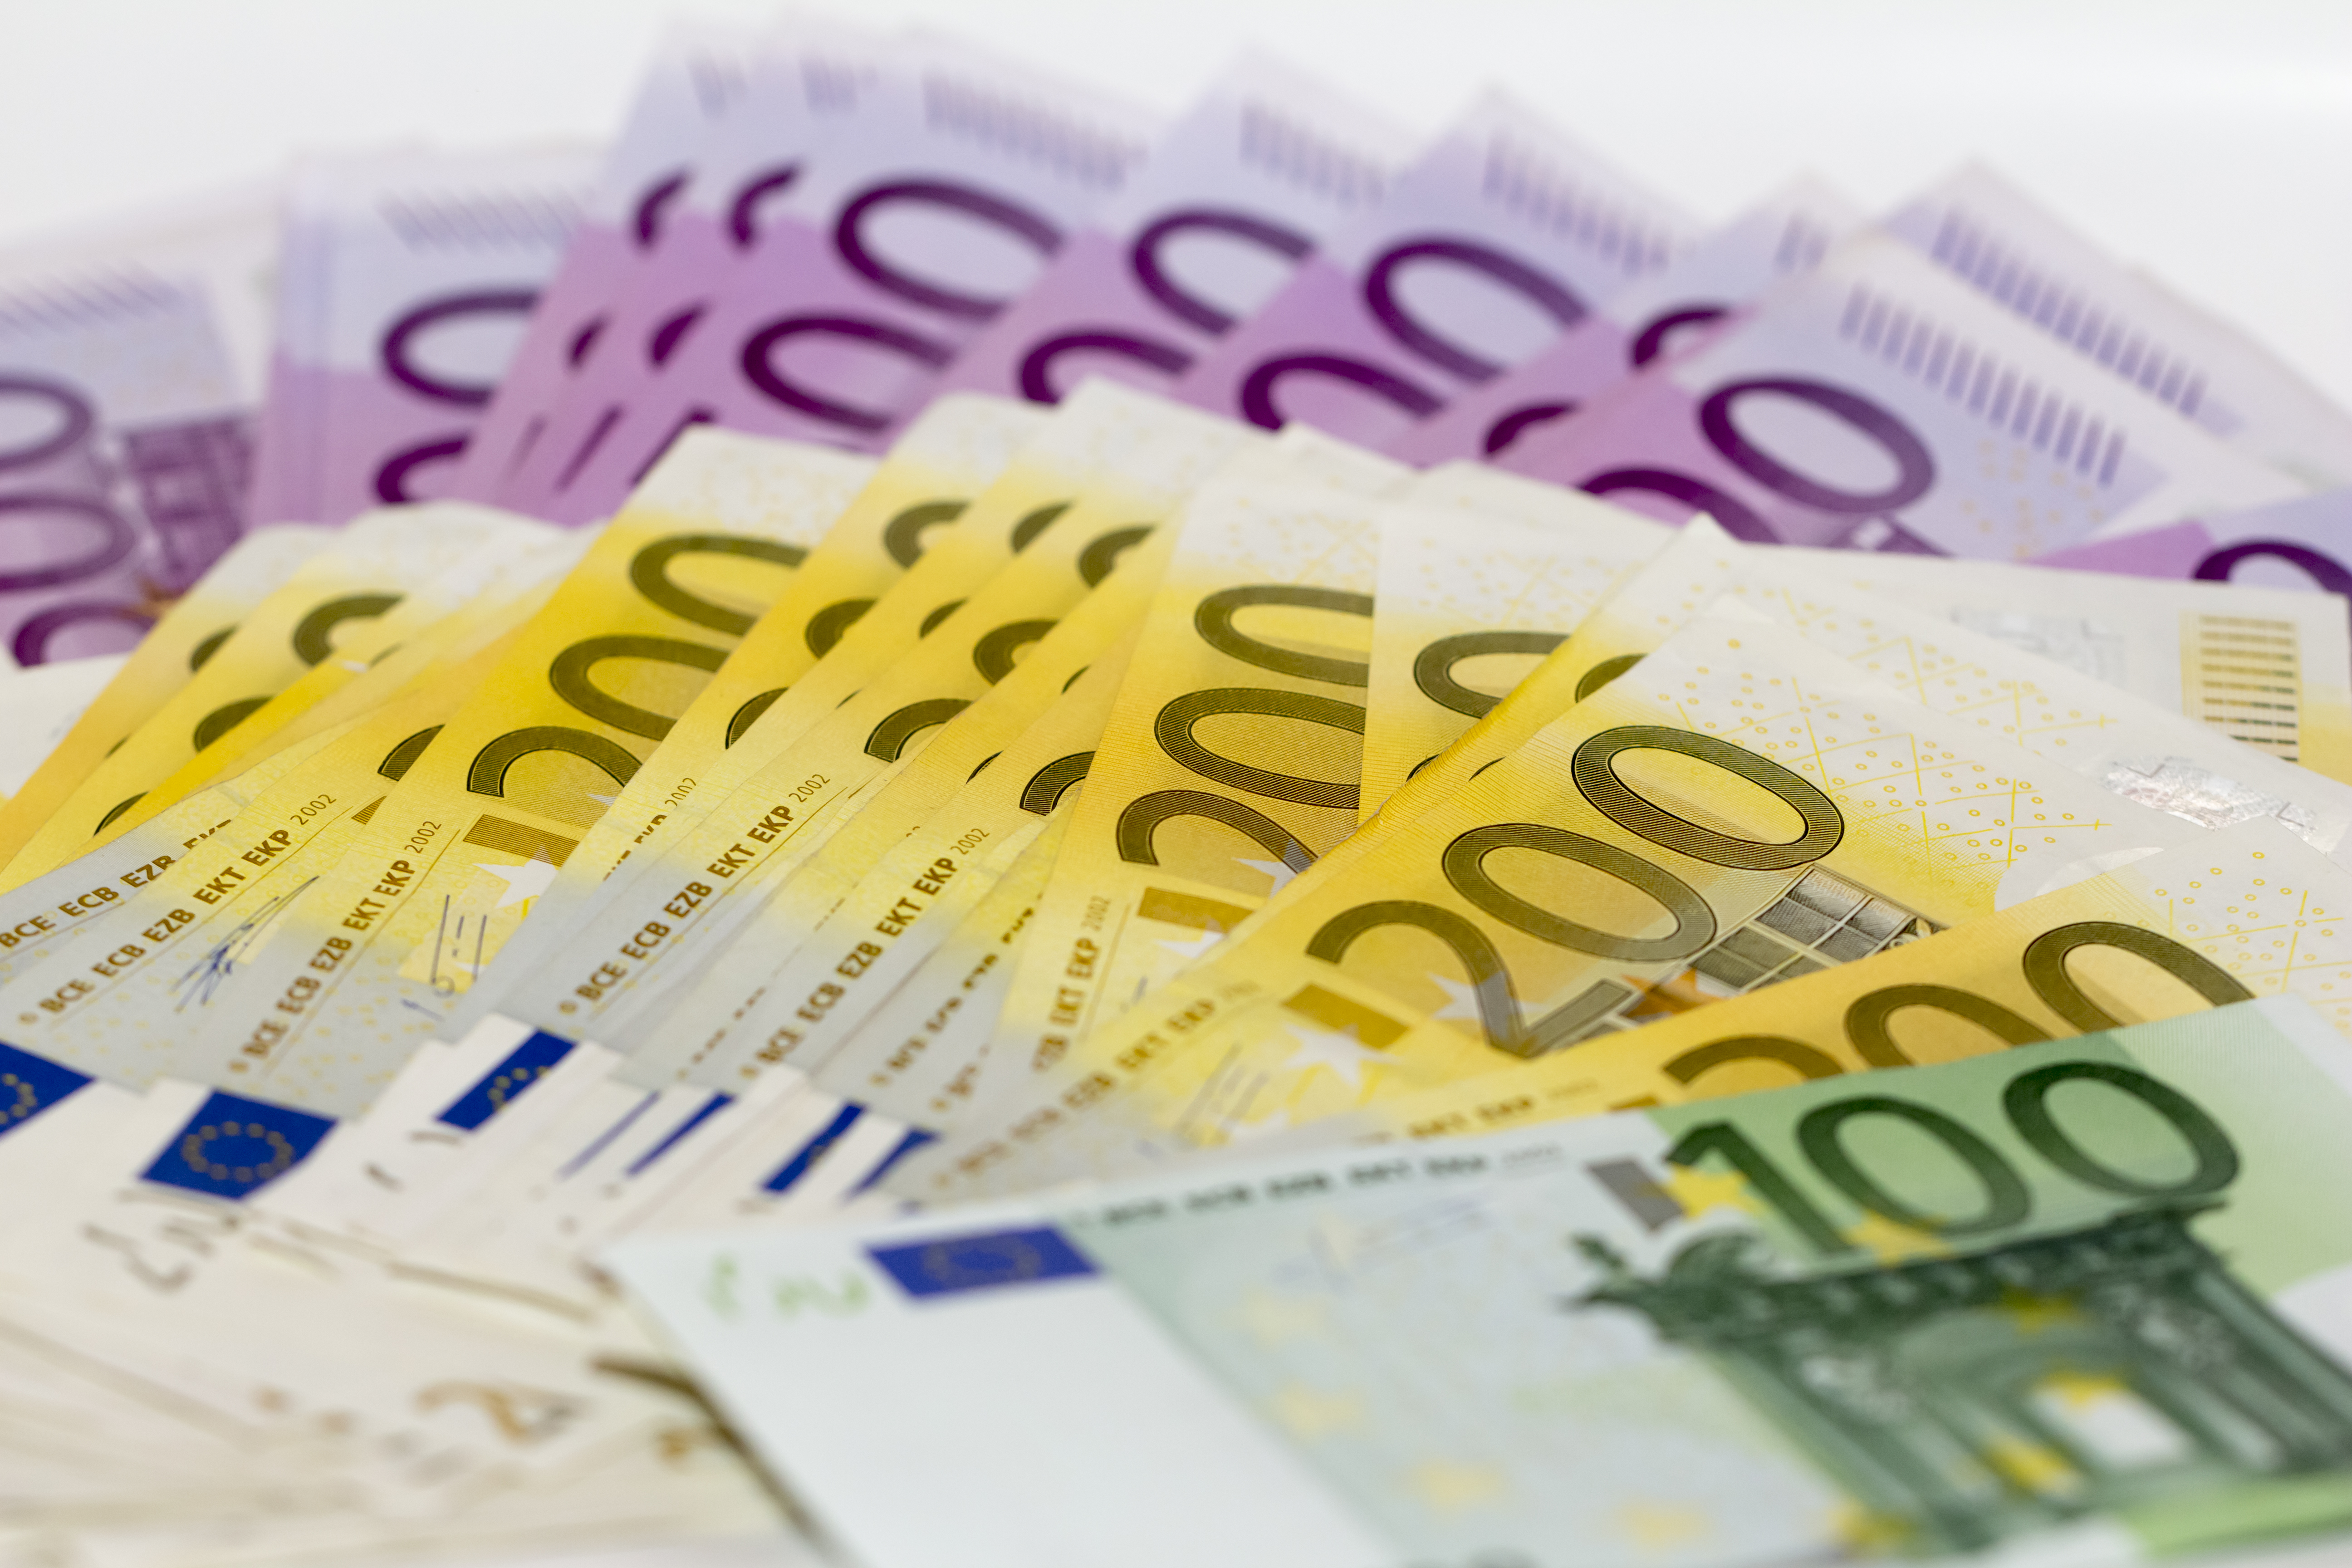 Donazione denaro genitori figli e accertamento presuntivo